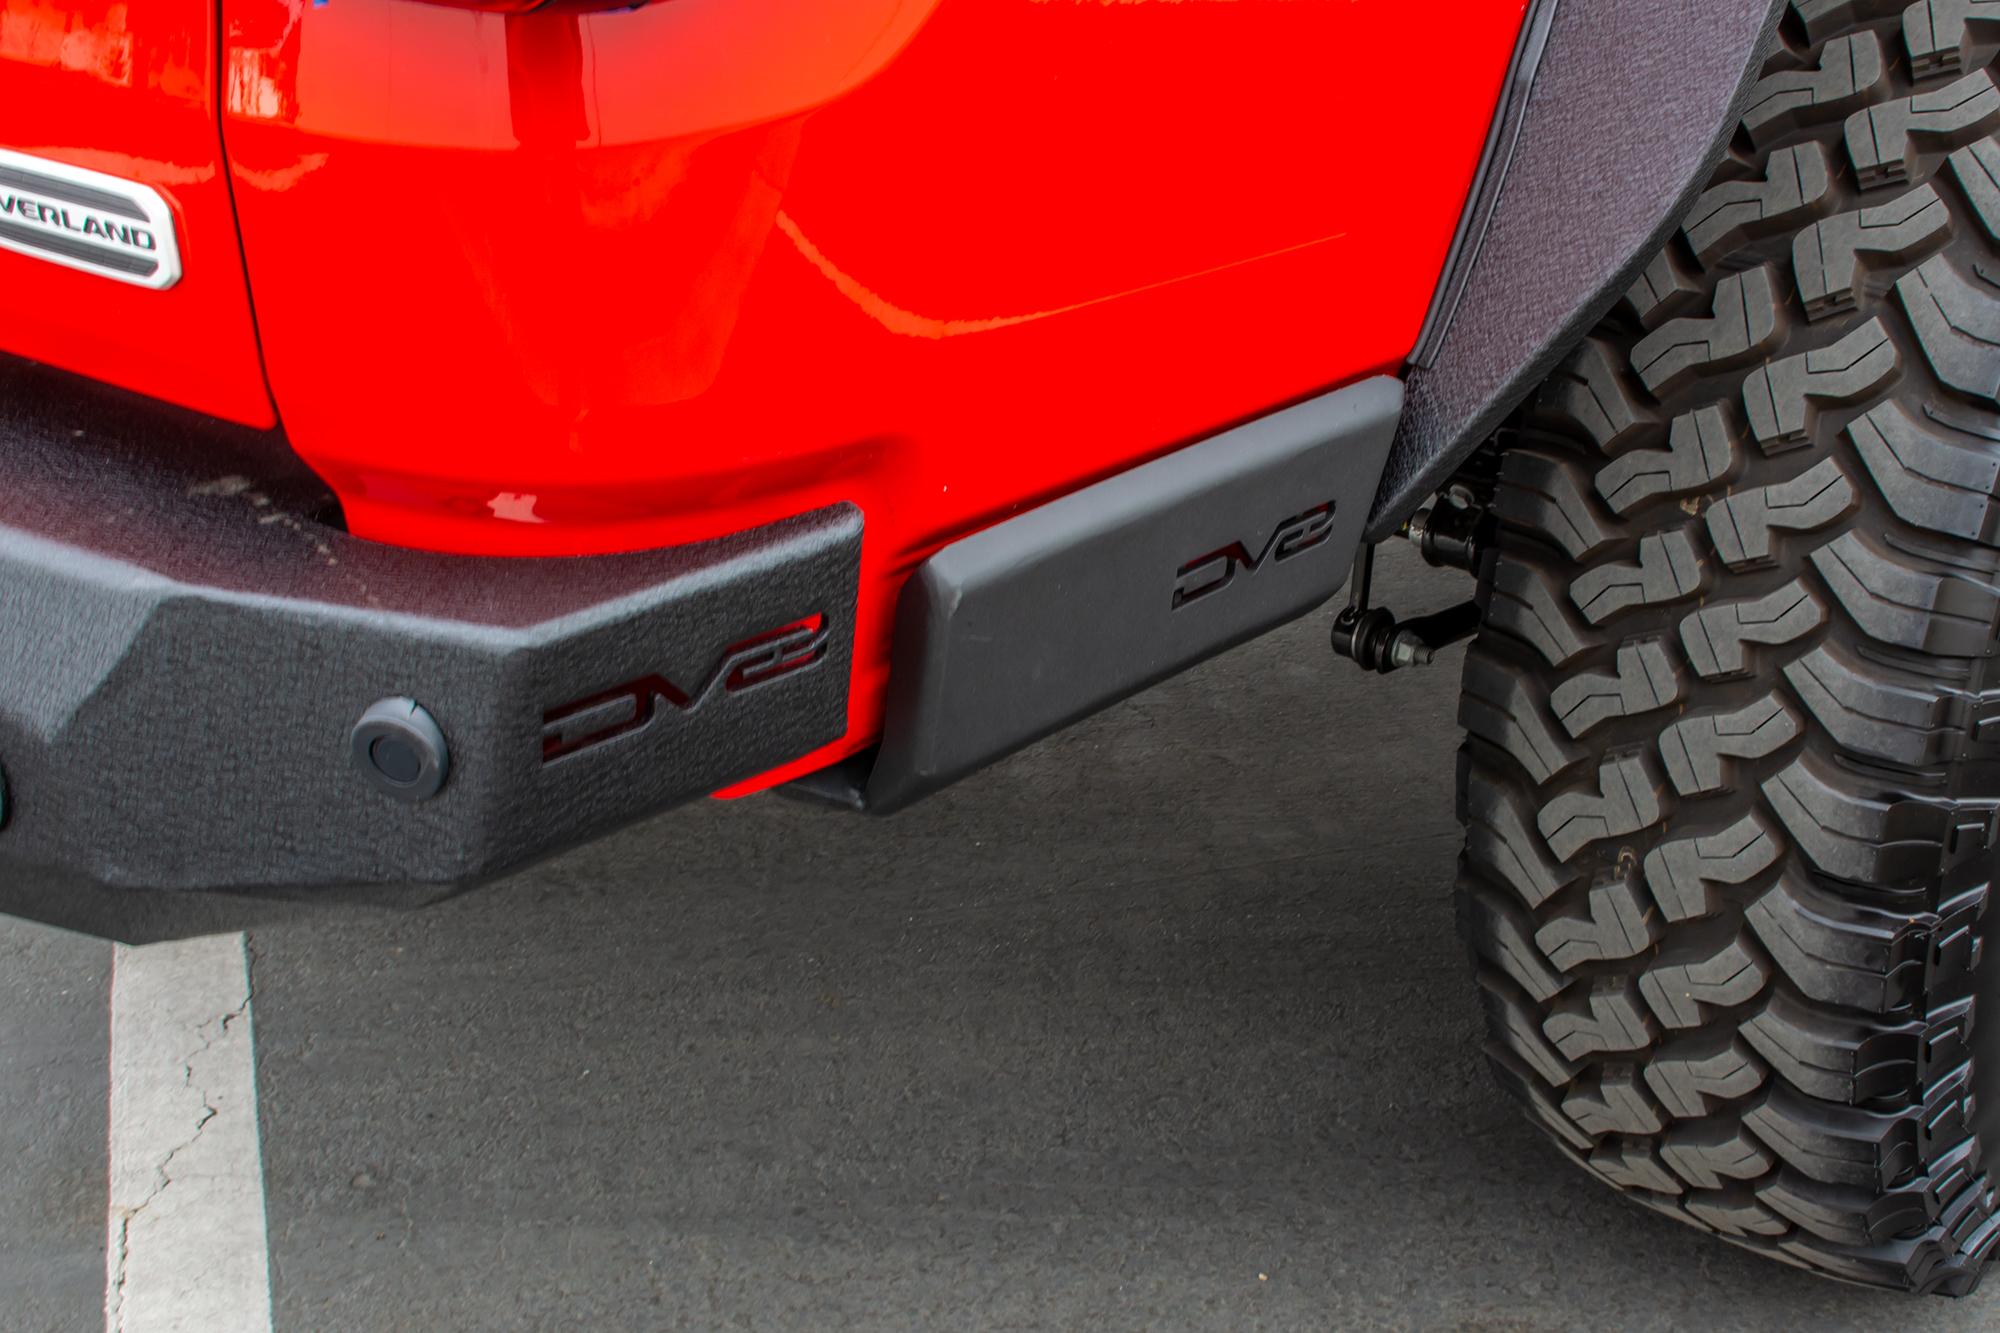 Jeep Gladiator Bedside Sliders For 20-Present Gladiator DV8 Offroad